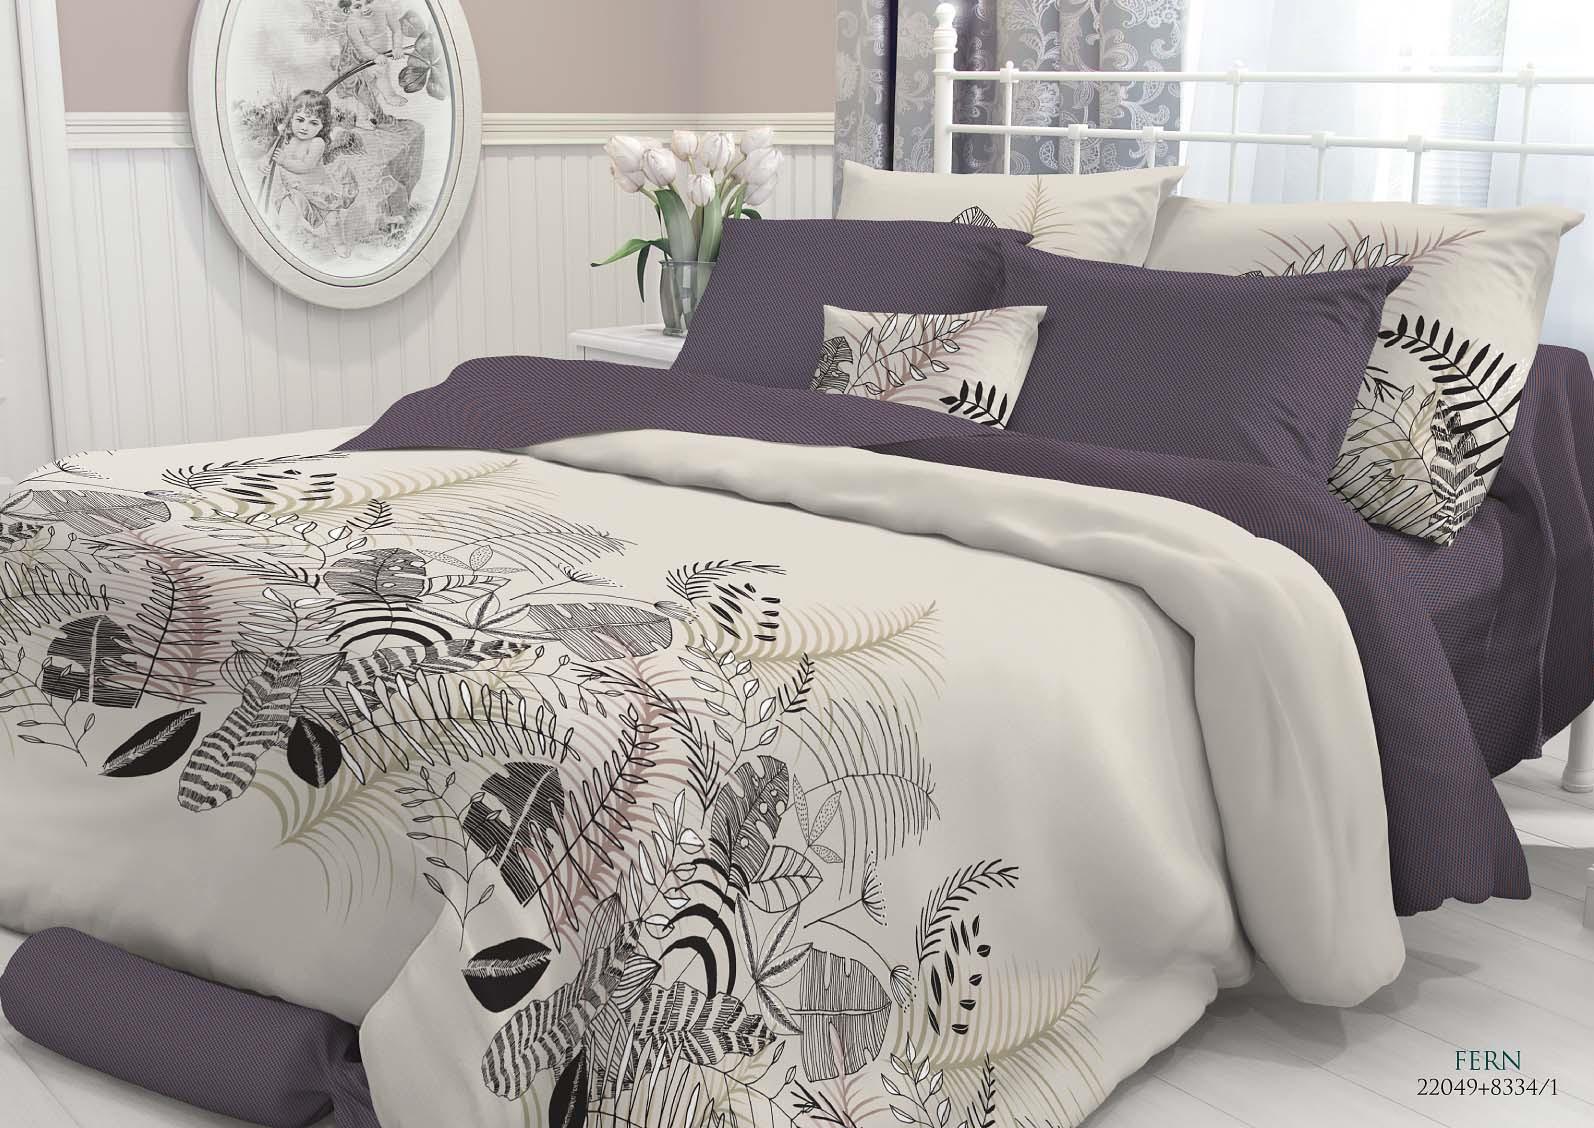 Комплект белья Verossa Fern, 2-спальный, наволочки 50x70 и 70x70 комплект белья verossa gray 2 спальный наволочки 70x70